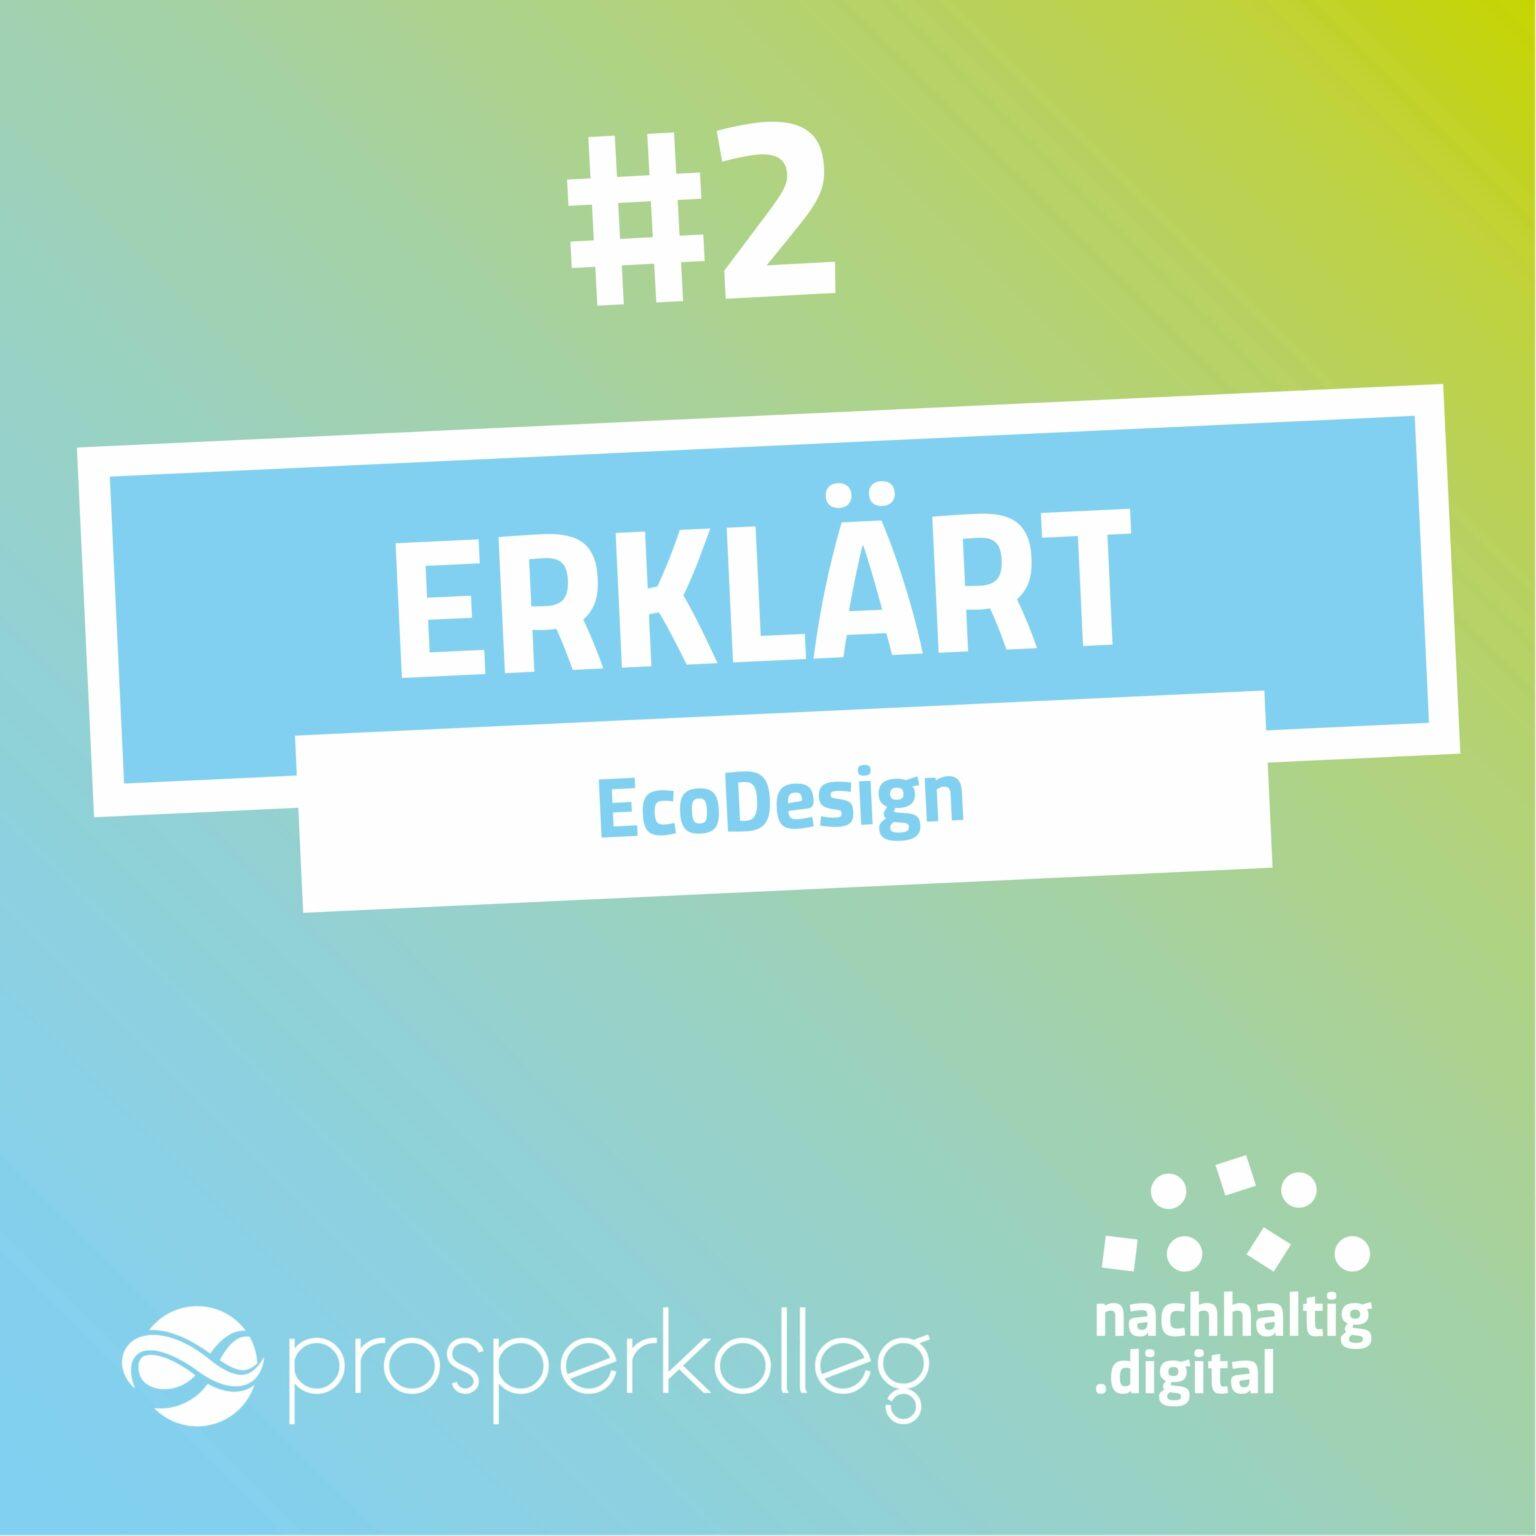 Das Prosperkolleg erklärt EcoDesign